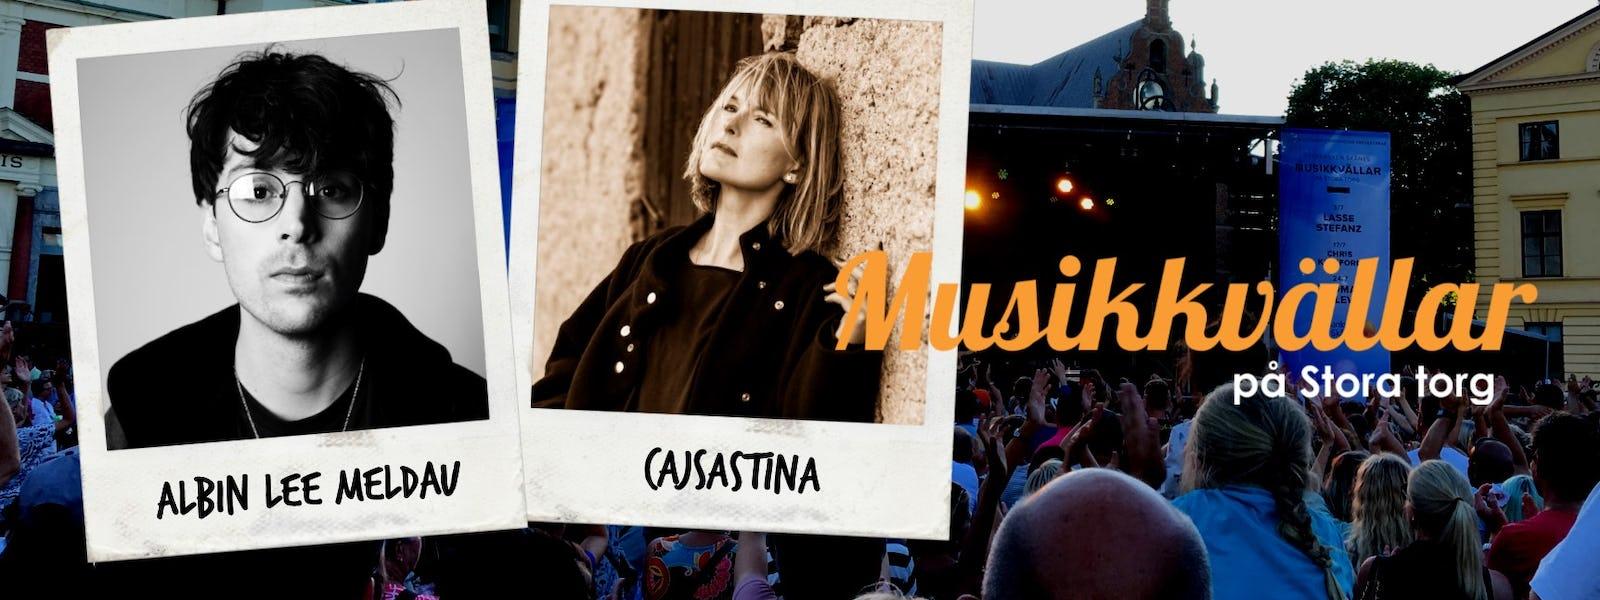 Bild - Musikkväll med Albin Lee Meldau & CajsaStina